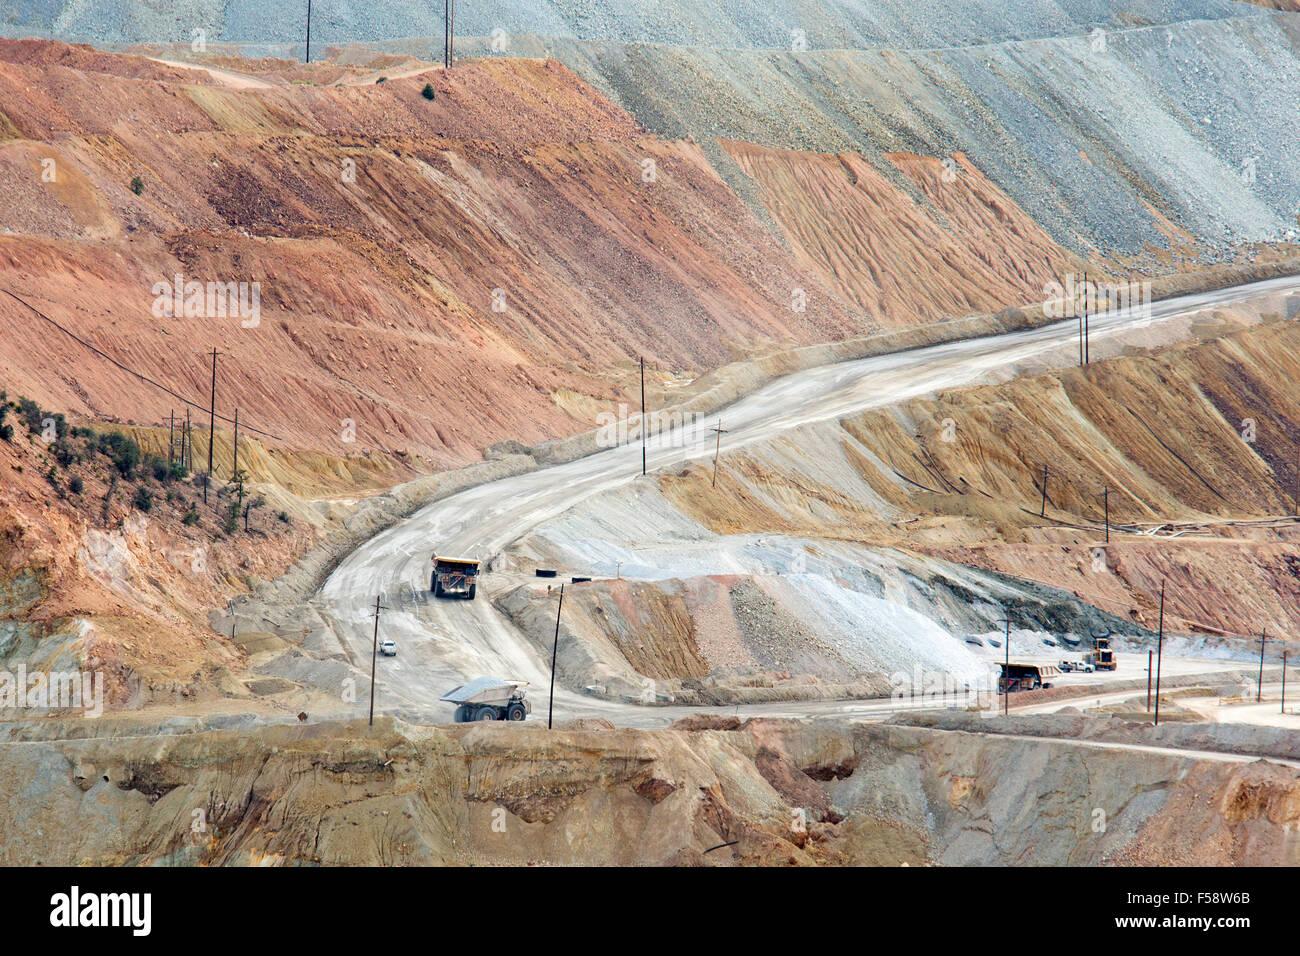 Santa Rita, Nuevo México - El Chino de la mina de cobre a cielo abierto, operado por Freeport-McMoRan, produce Imagen De Stock